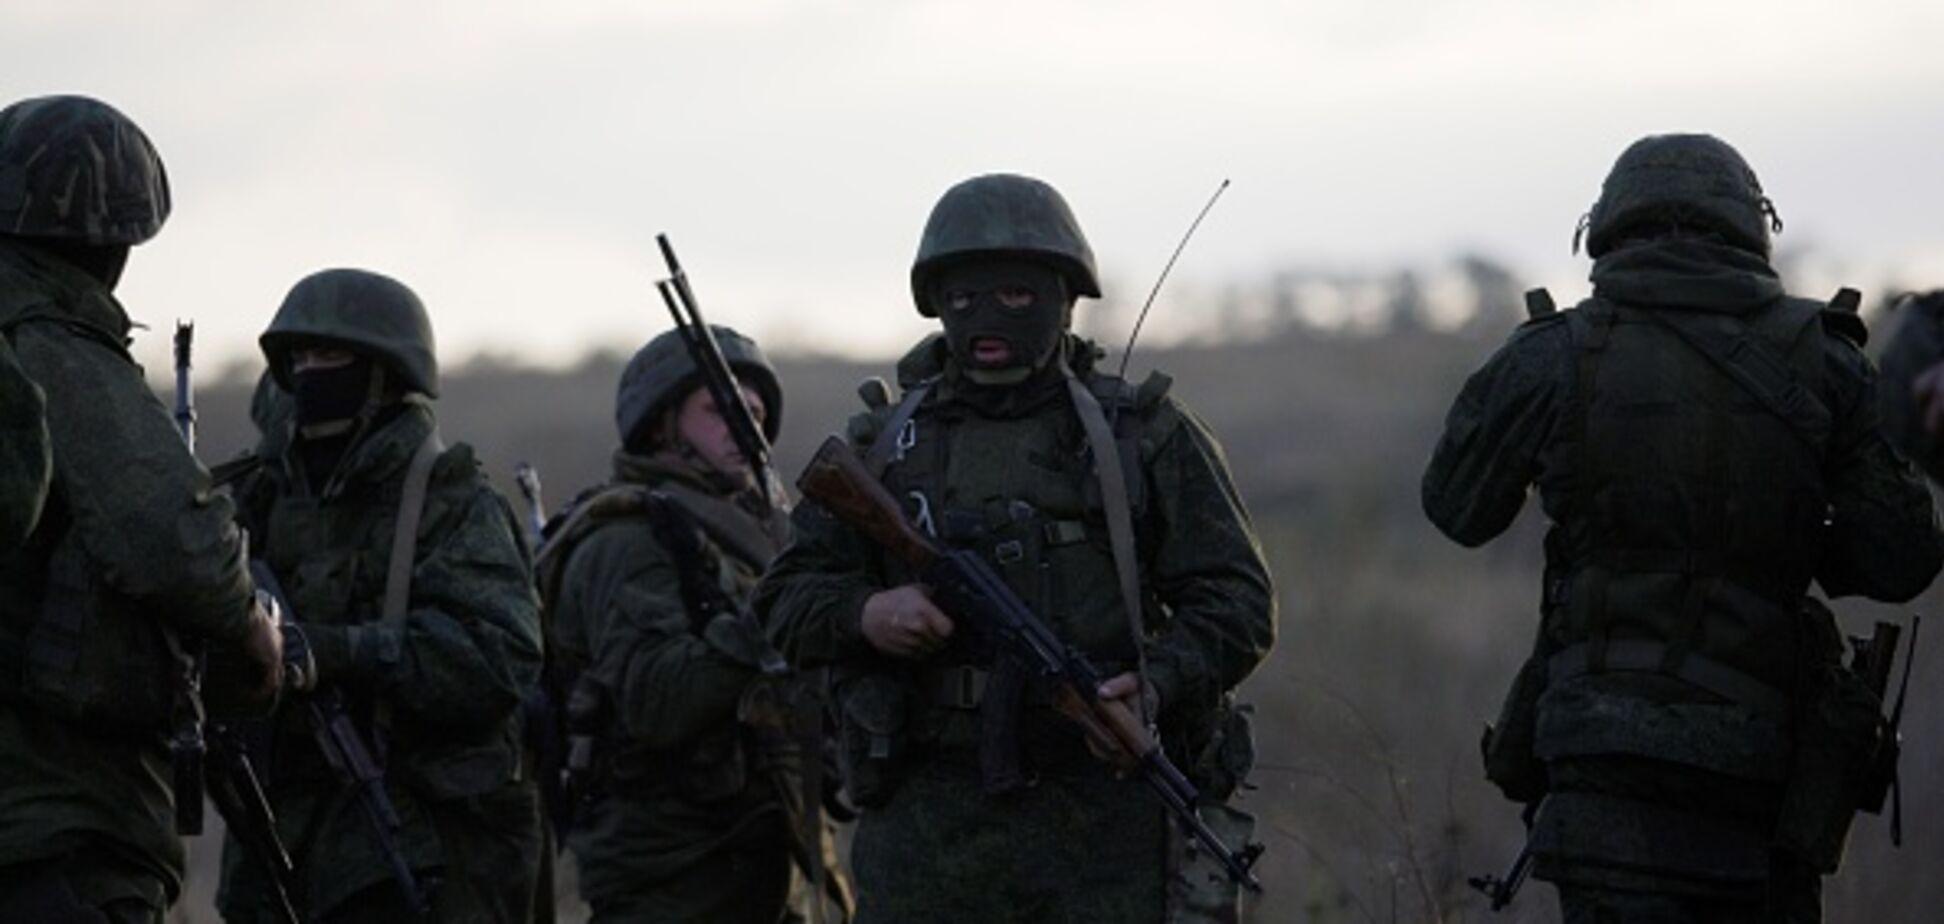 Эшелоны военной техники России вошли в Беларусь: опубликовано видео